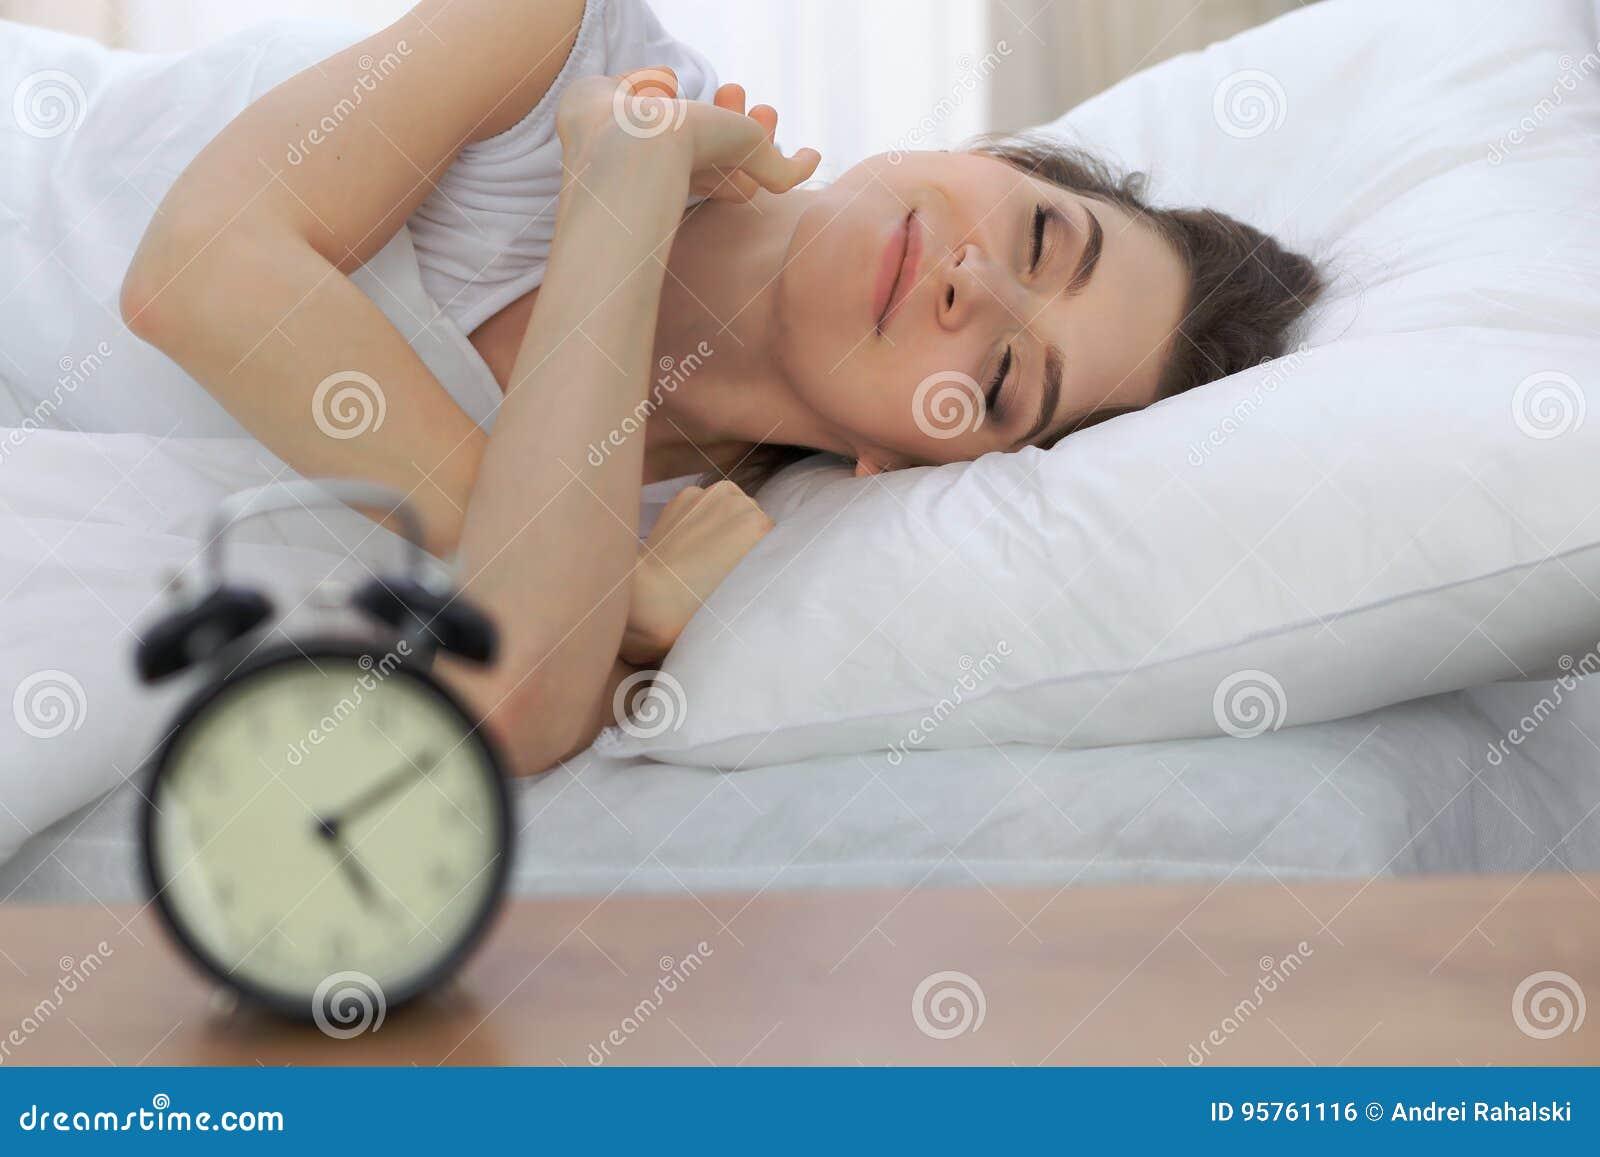 Schöne junge schlafende Frau beim Lügen in ihrem Bett und bequem sich entspannen Aufzuwachen ist einfach, für Arbeit oder